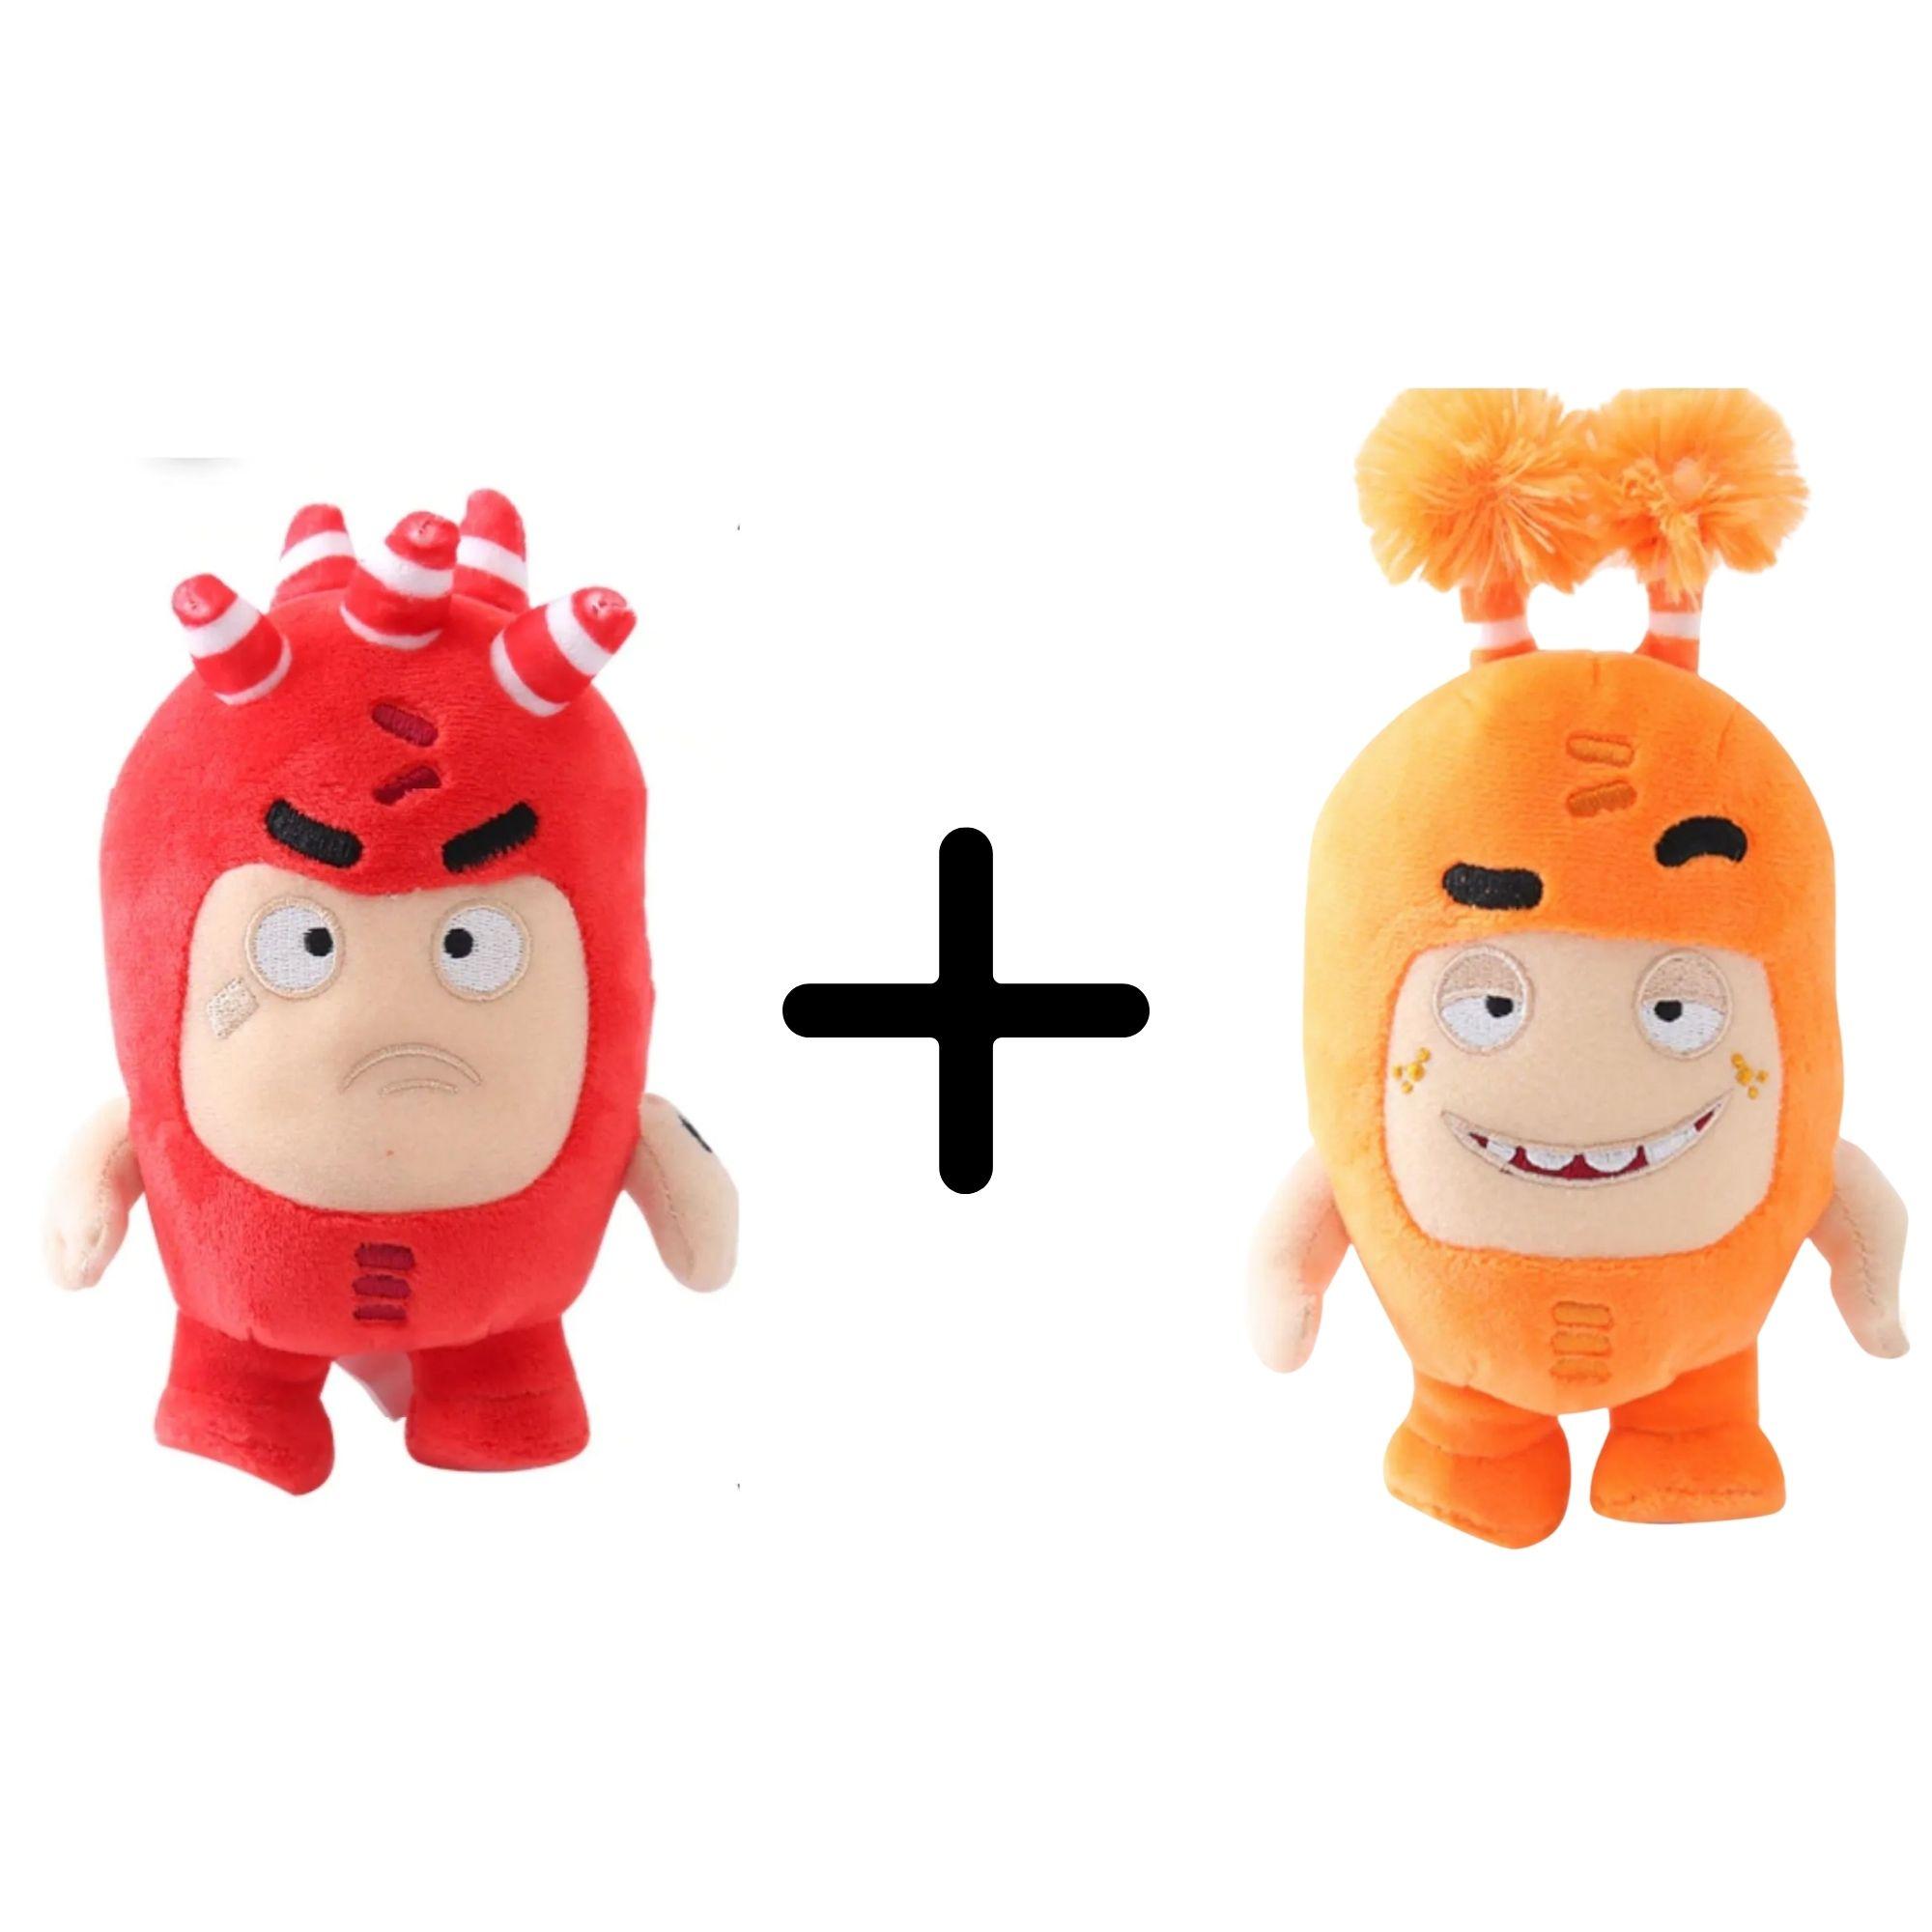 Kit com 2 Bonecos de Pelúcia Oddbods - 1 Laranja e 1 Vermelho  - Game Land Brinquedos